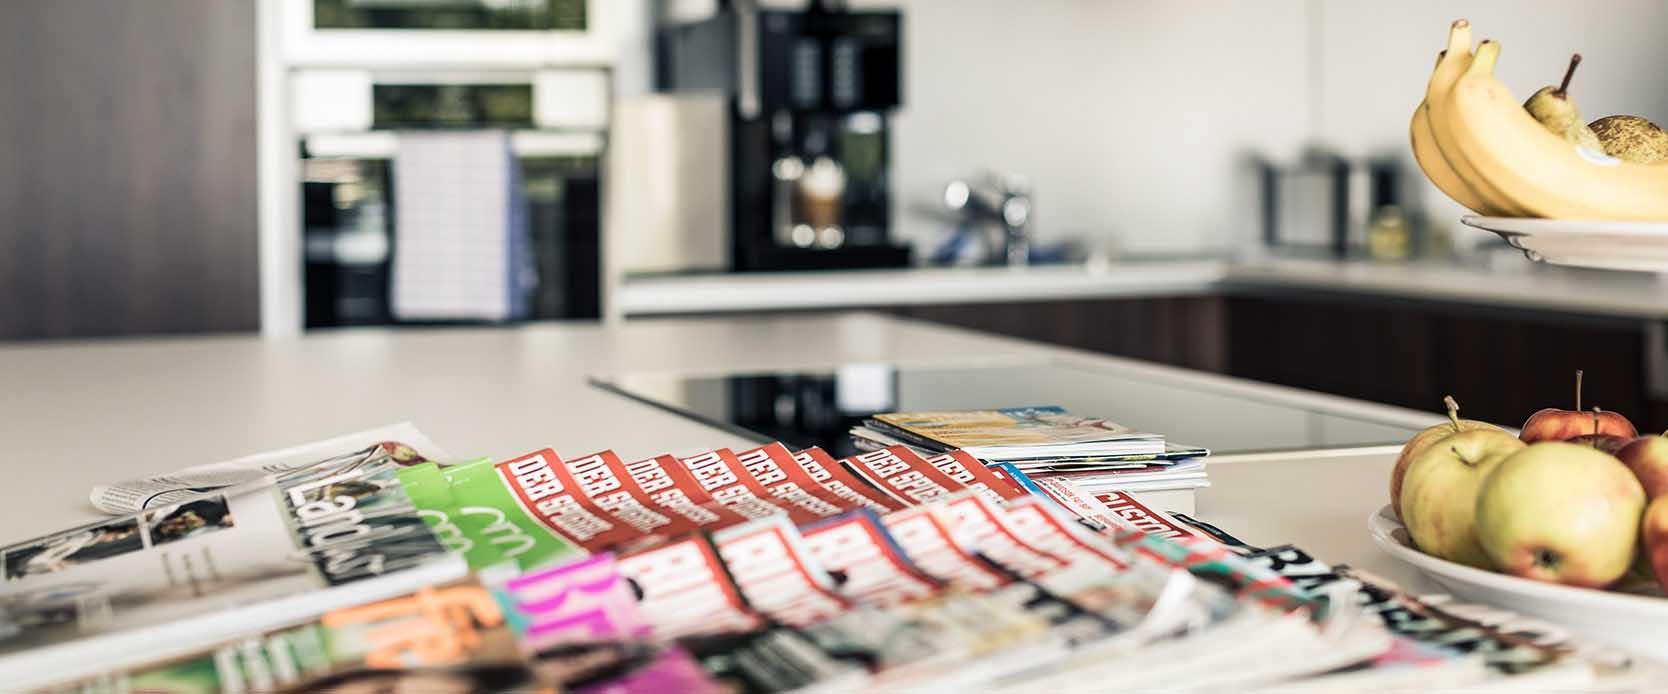 Zeitschriften auf einem Tisch in der MEDIAN Klinik St. Georg Bad Dürrheim